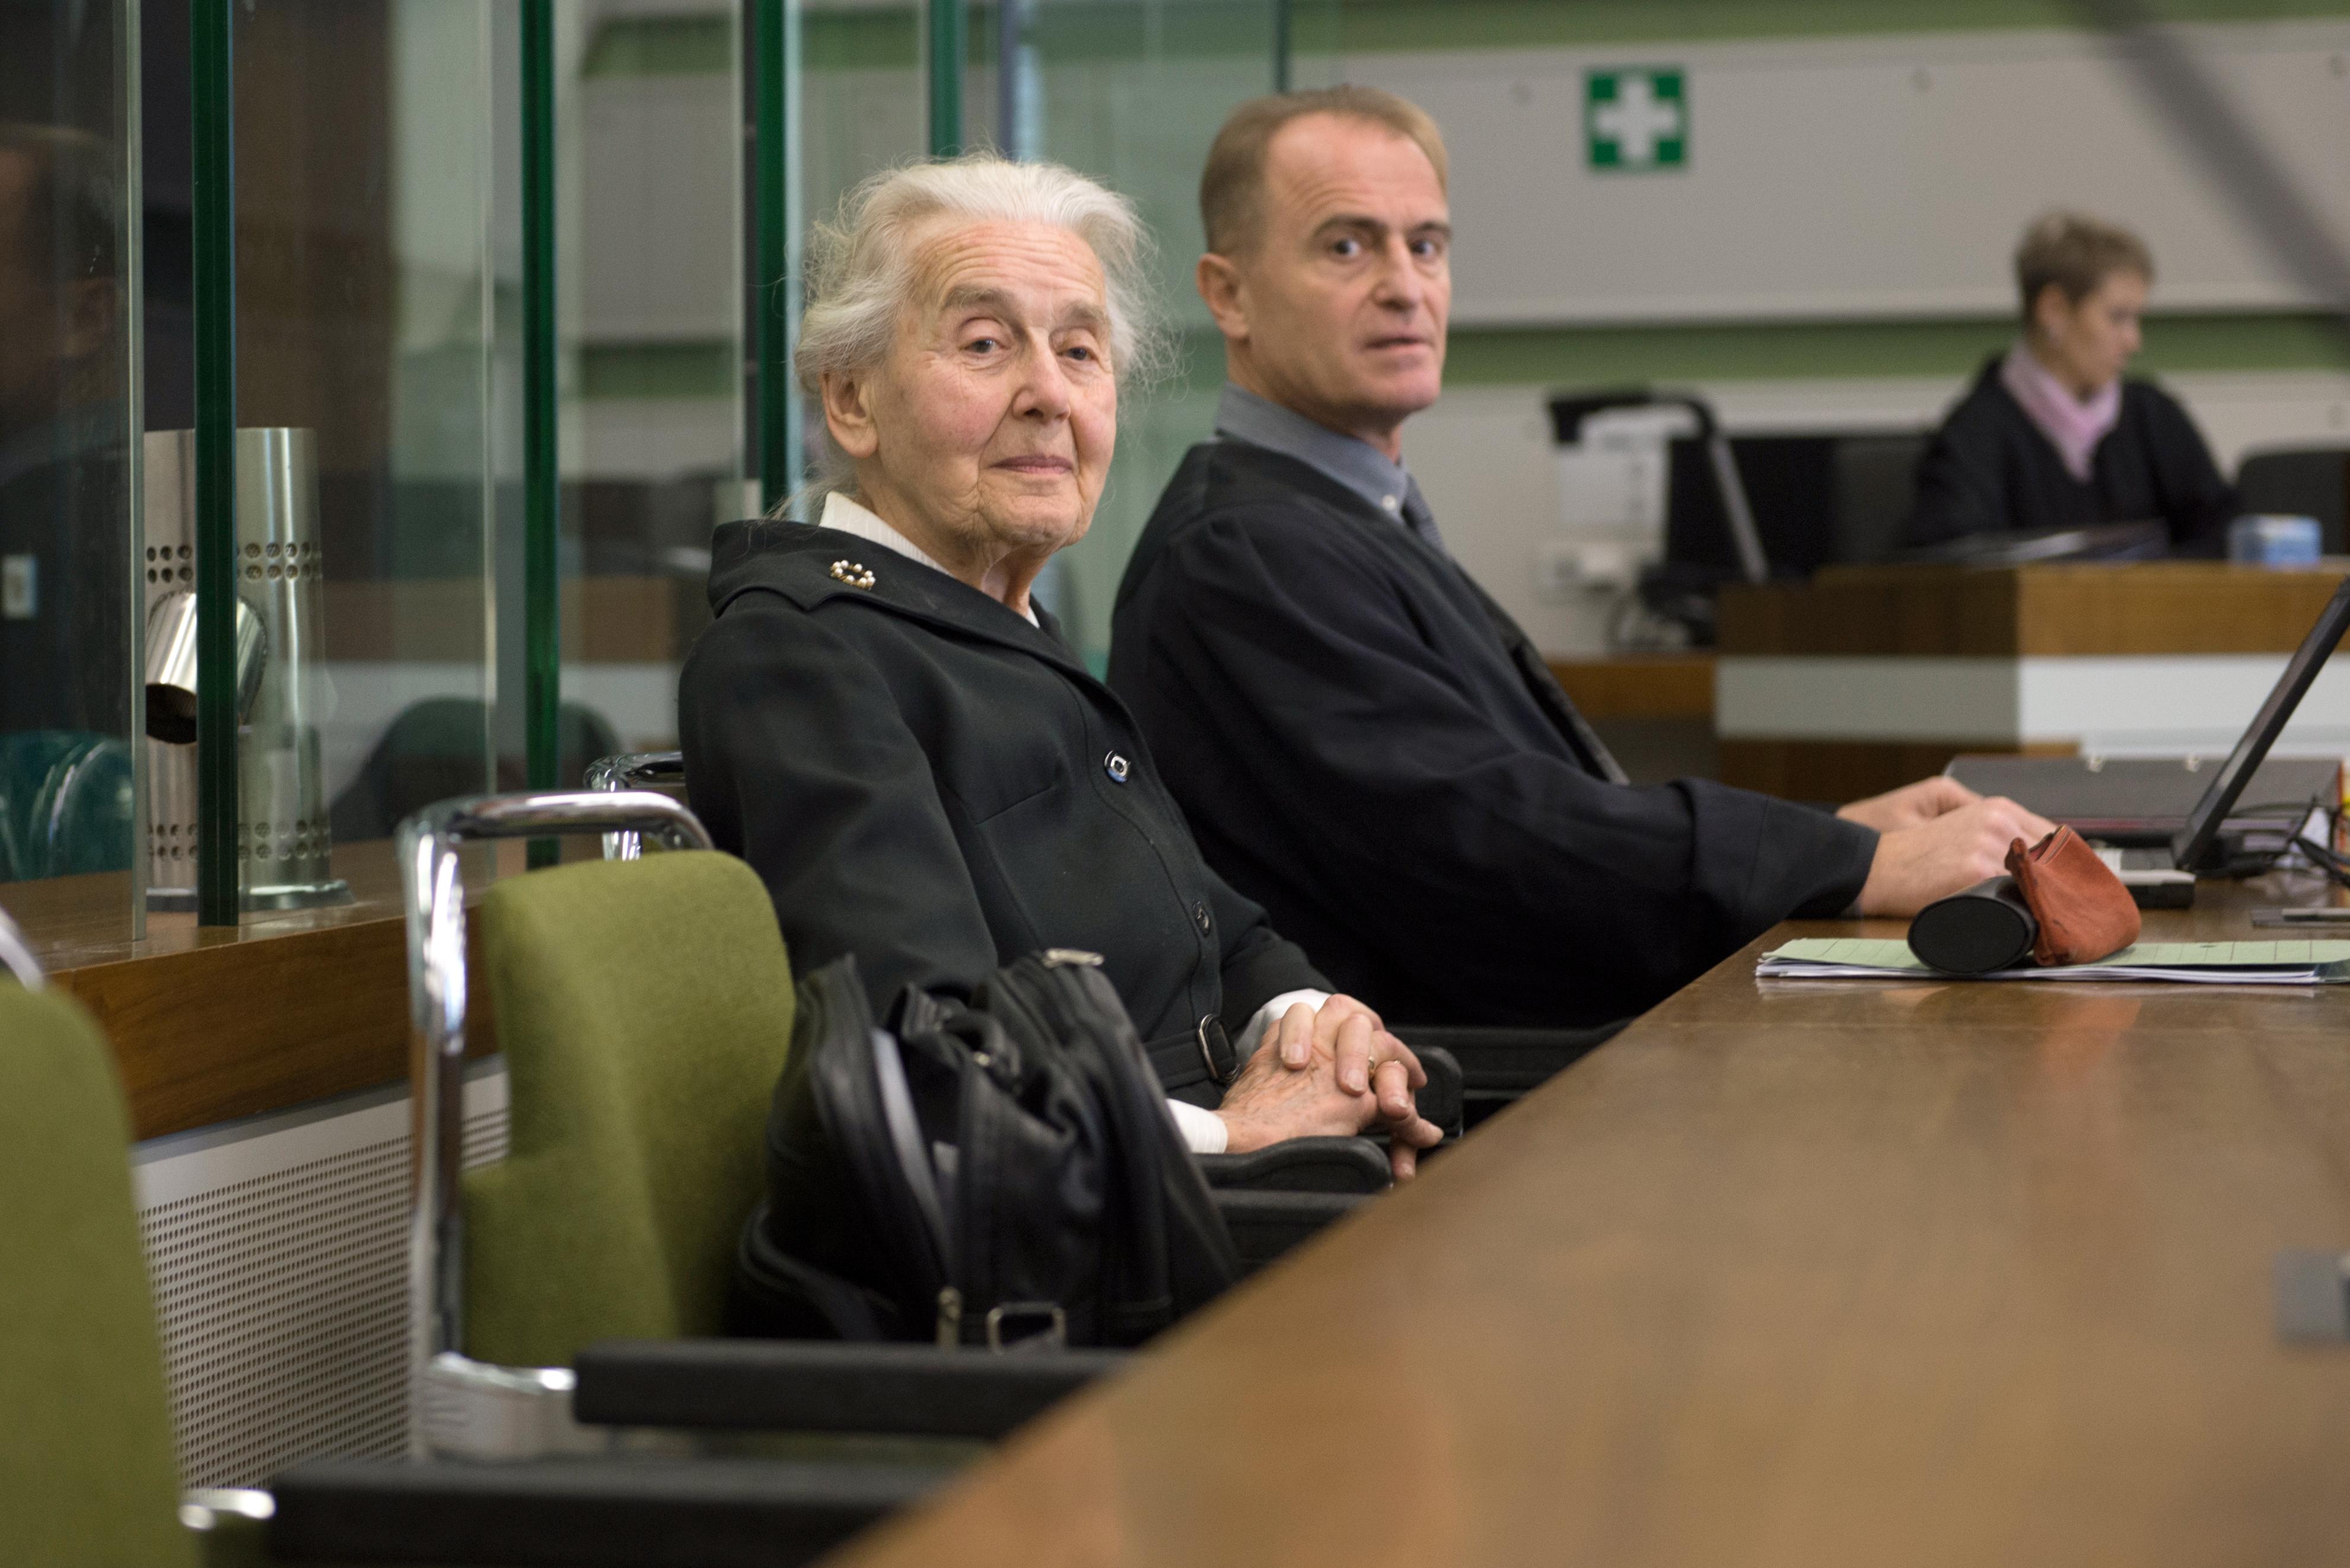 Hat hónap börtönre ítélték a 88 éves náci nagyit, aki haláláig tagadni fogja a holokausztot